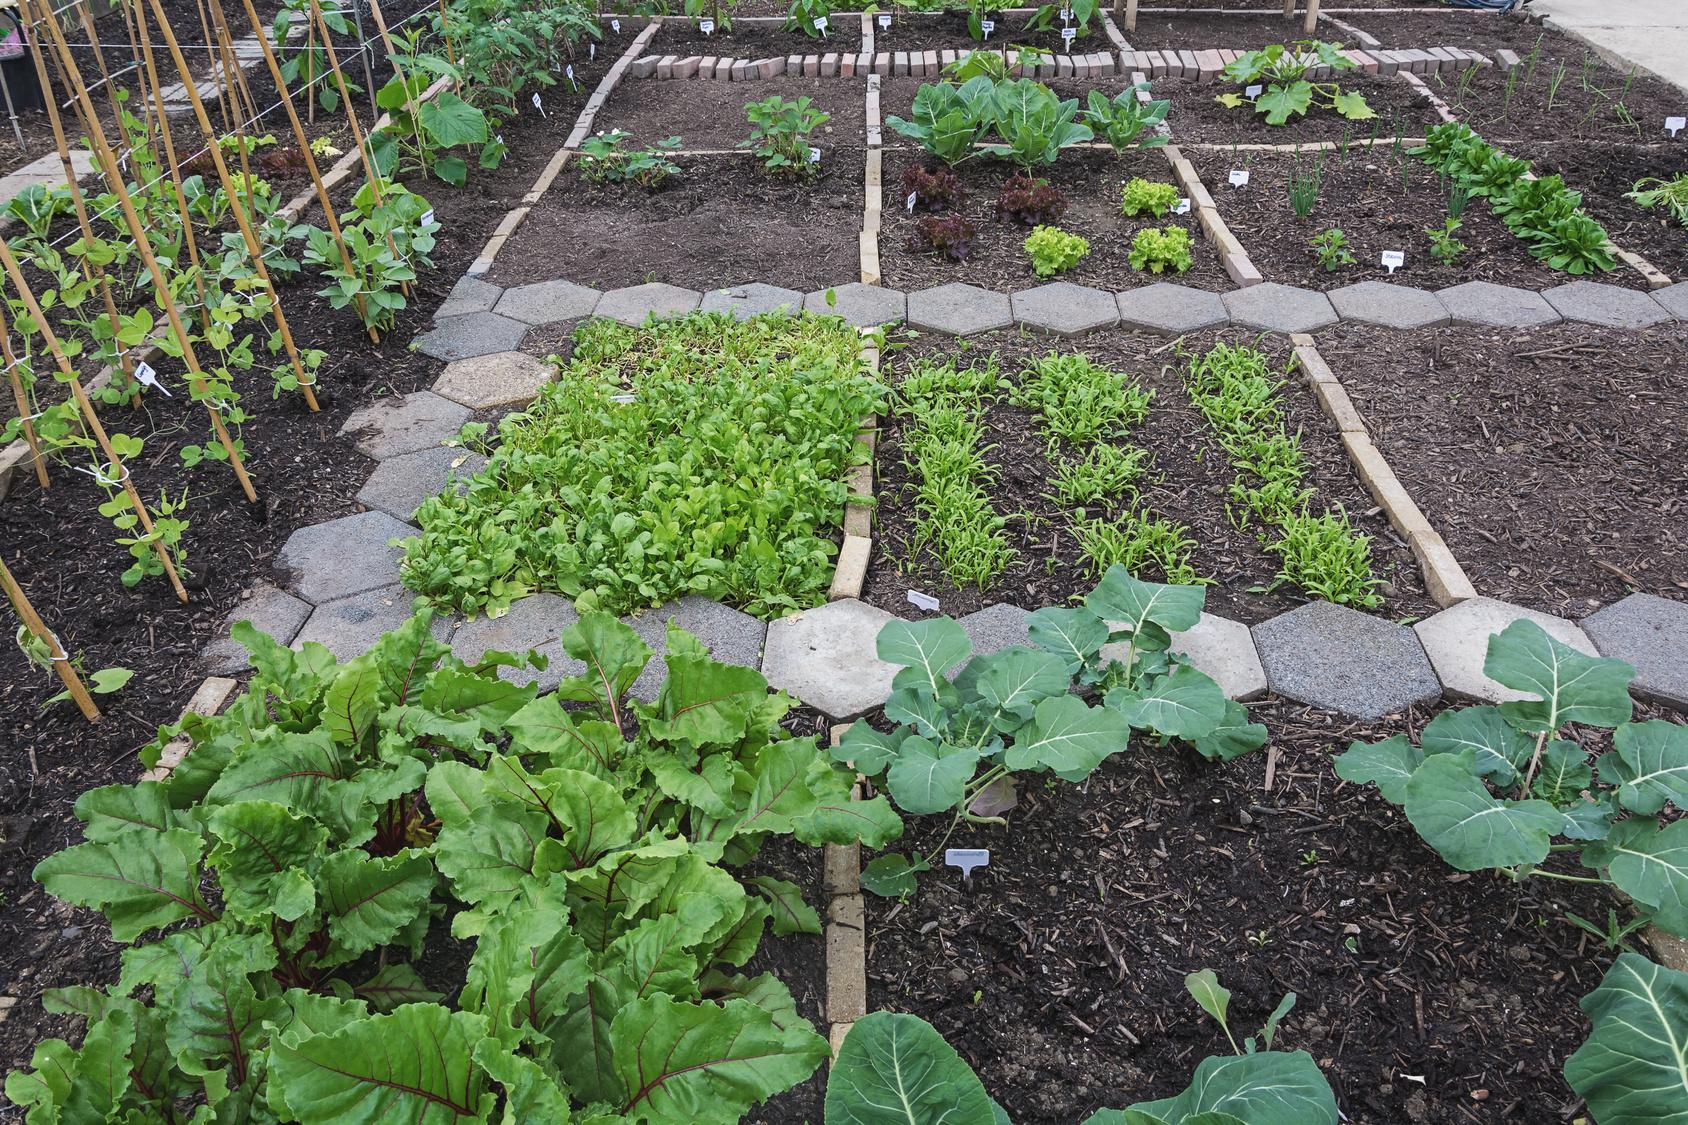 La rotazione degli ortaggi come pianificare l 39 orto - L orto in giardino ...